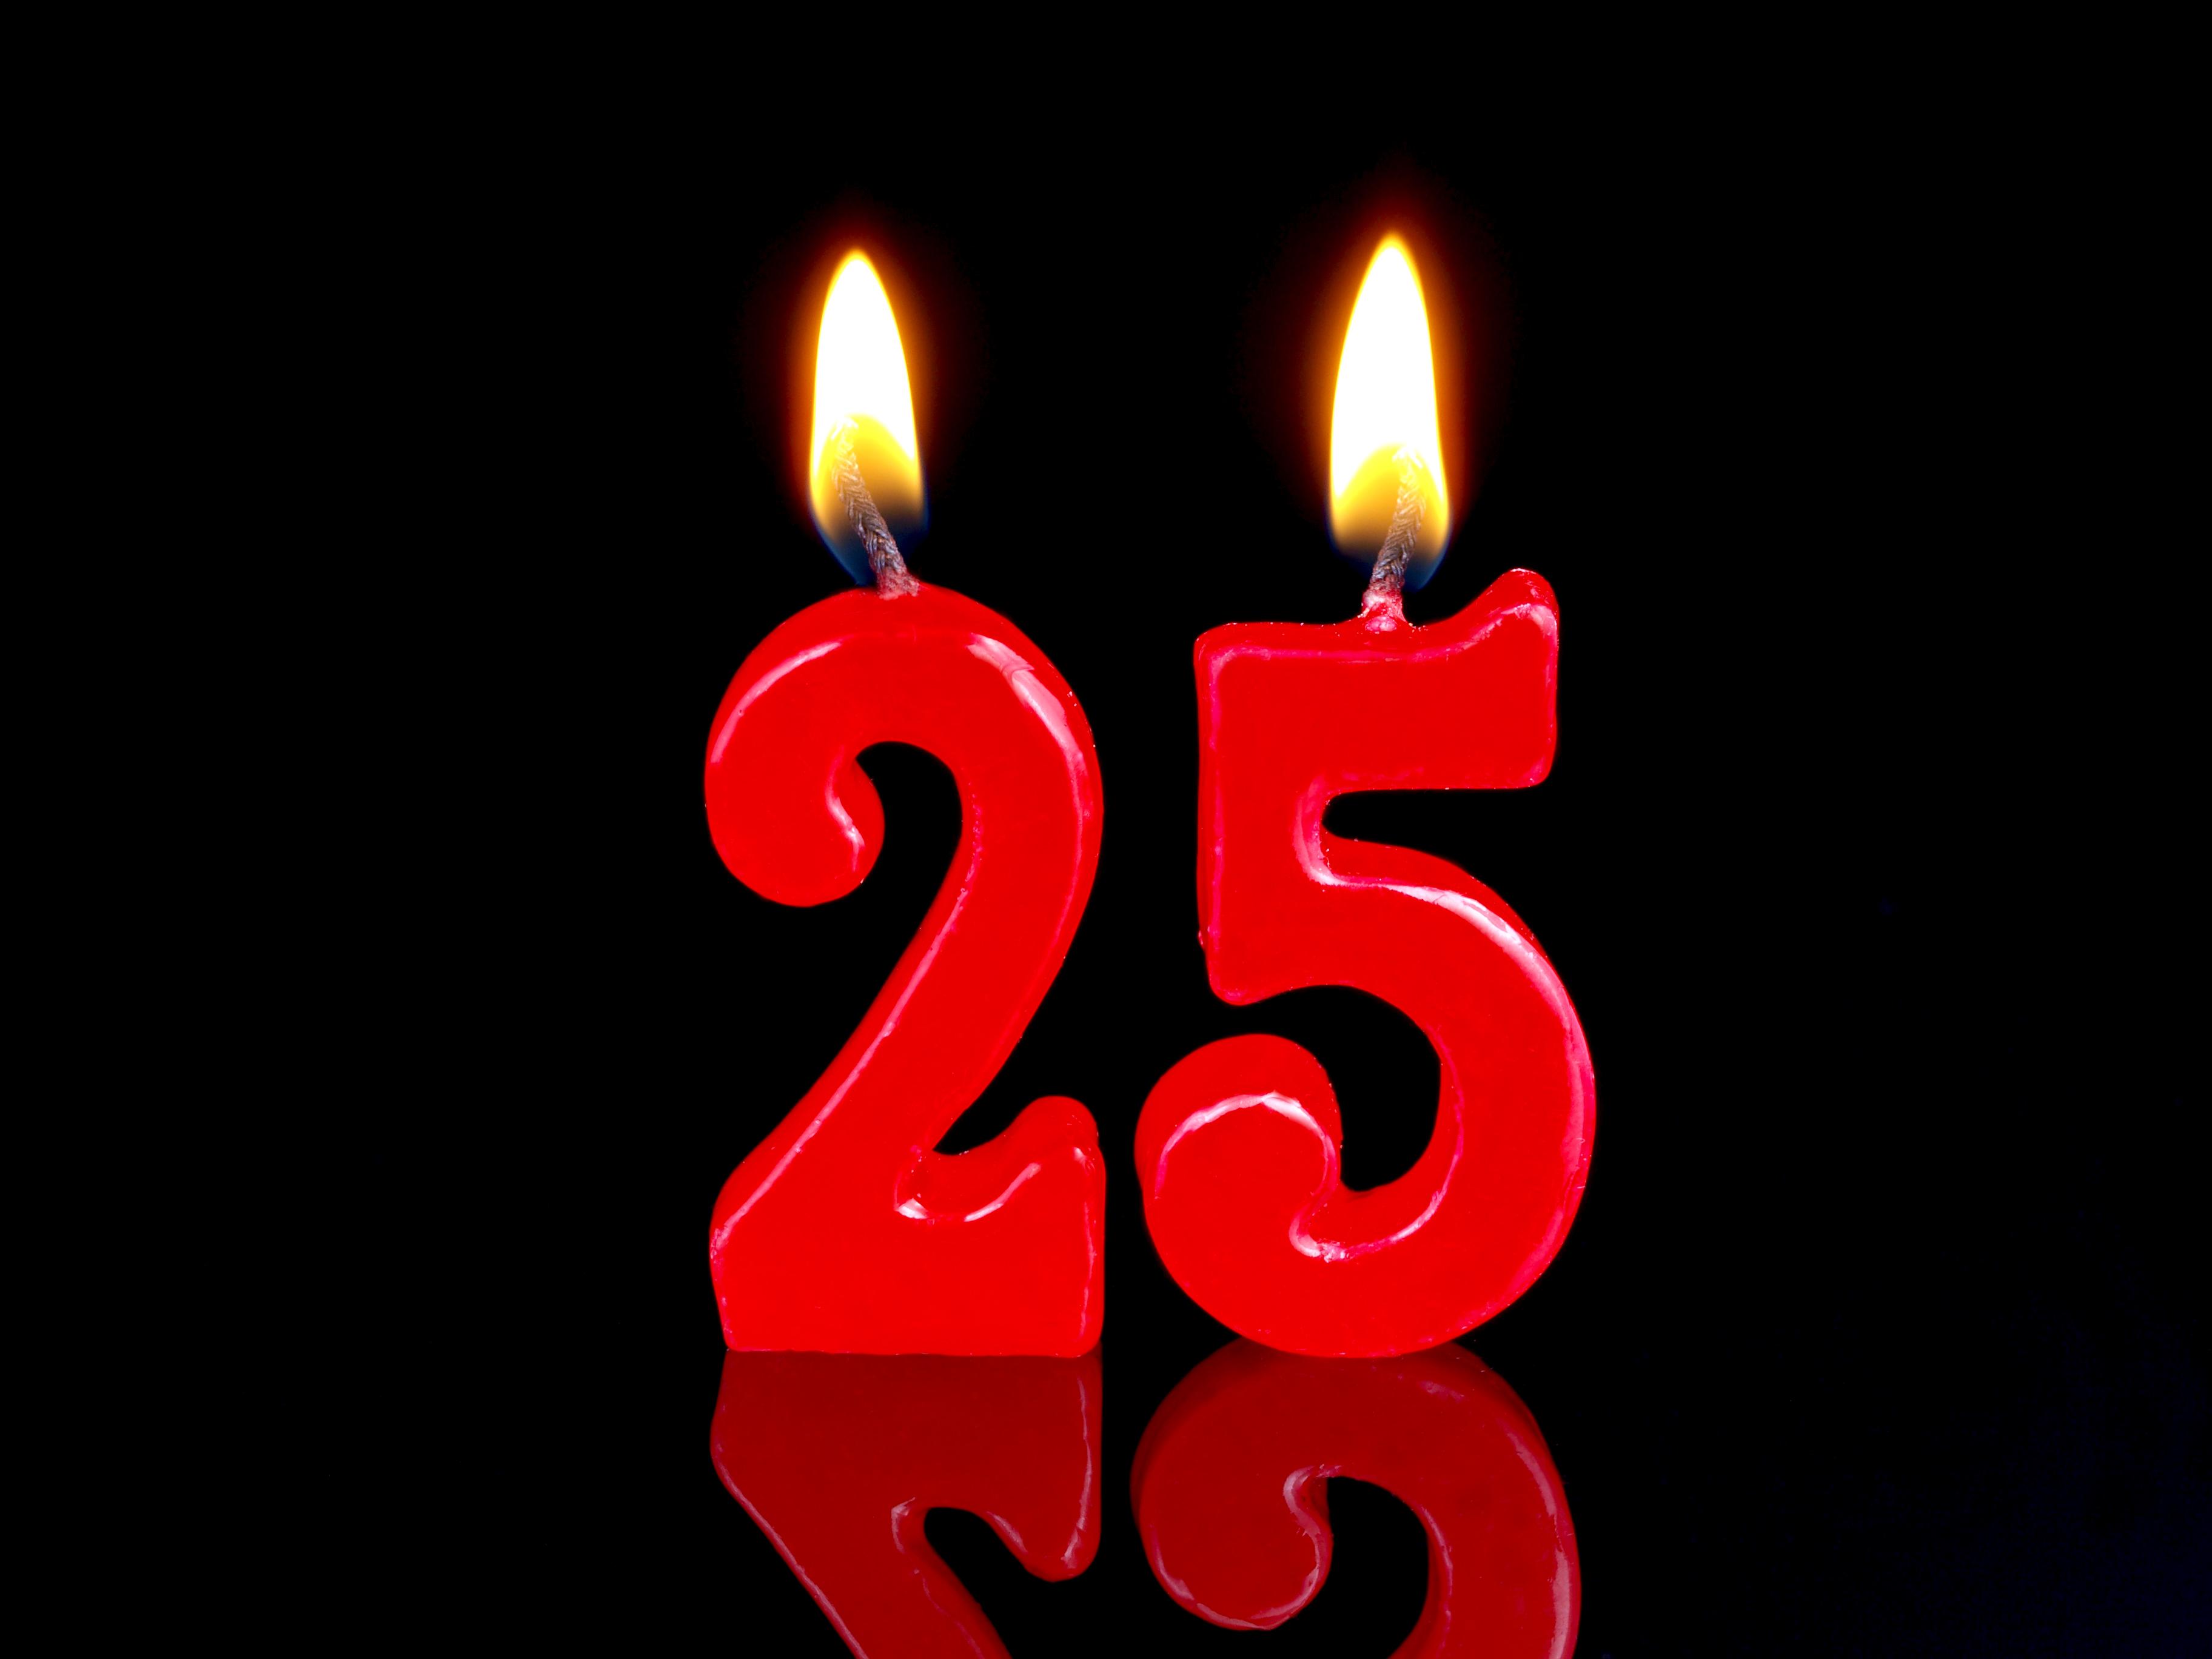 Поздравления с 25-летием девушке прикольные - Поздравок 37